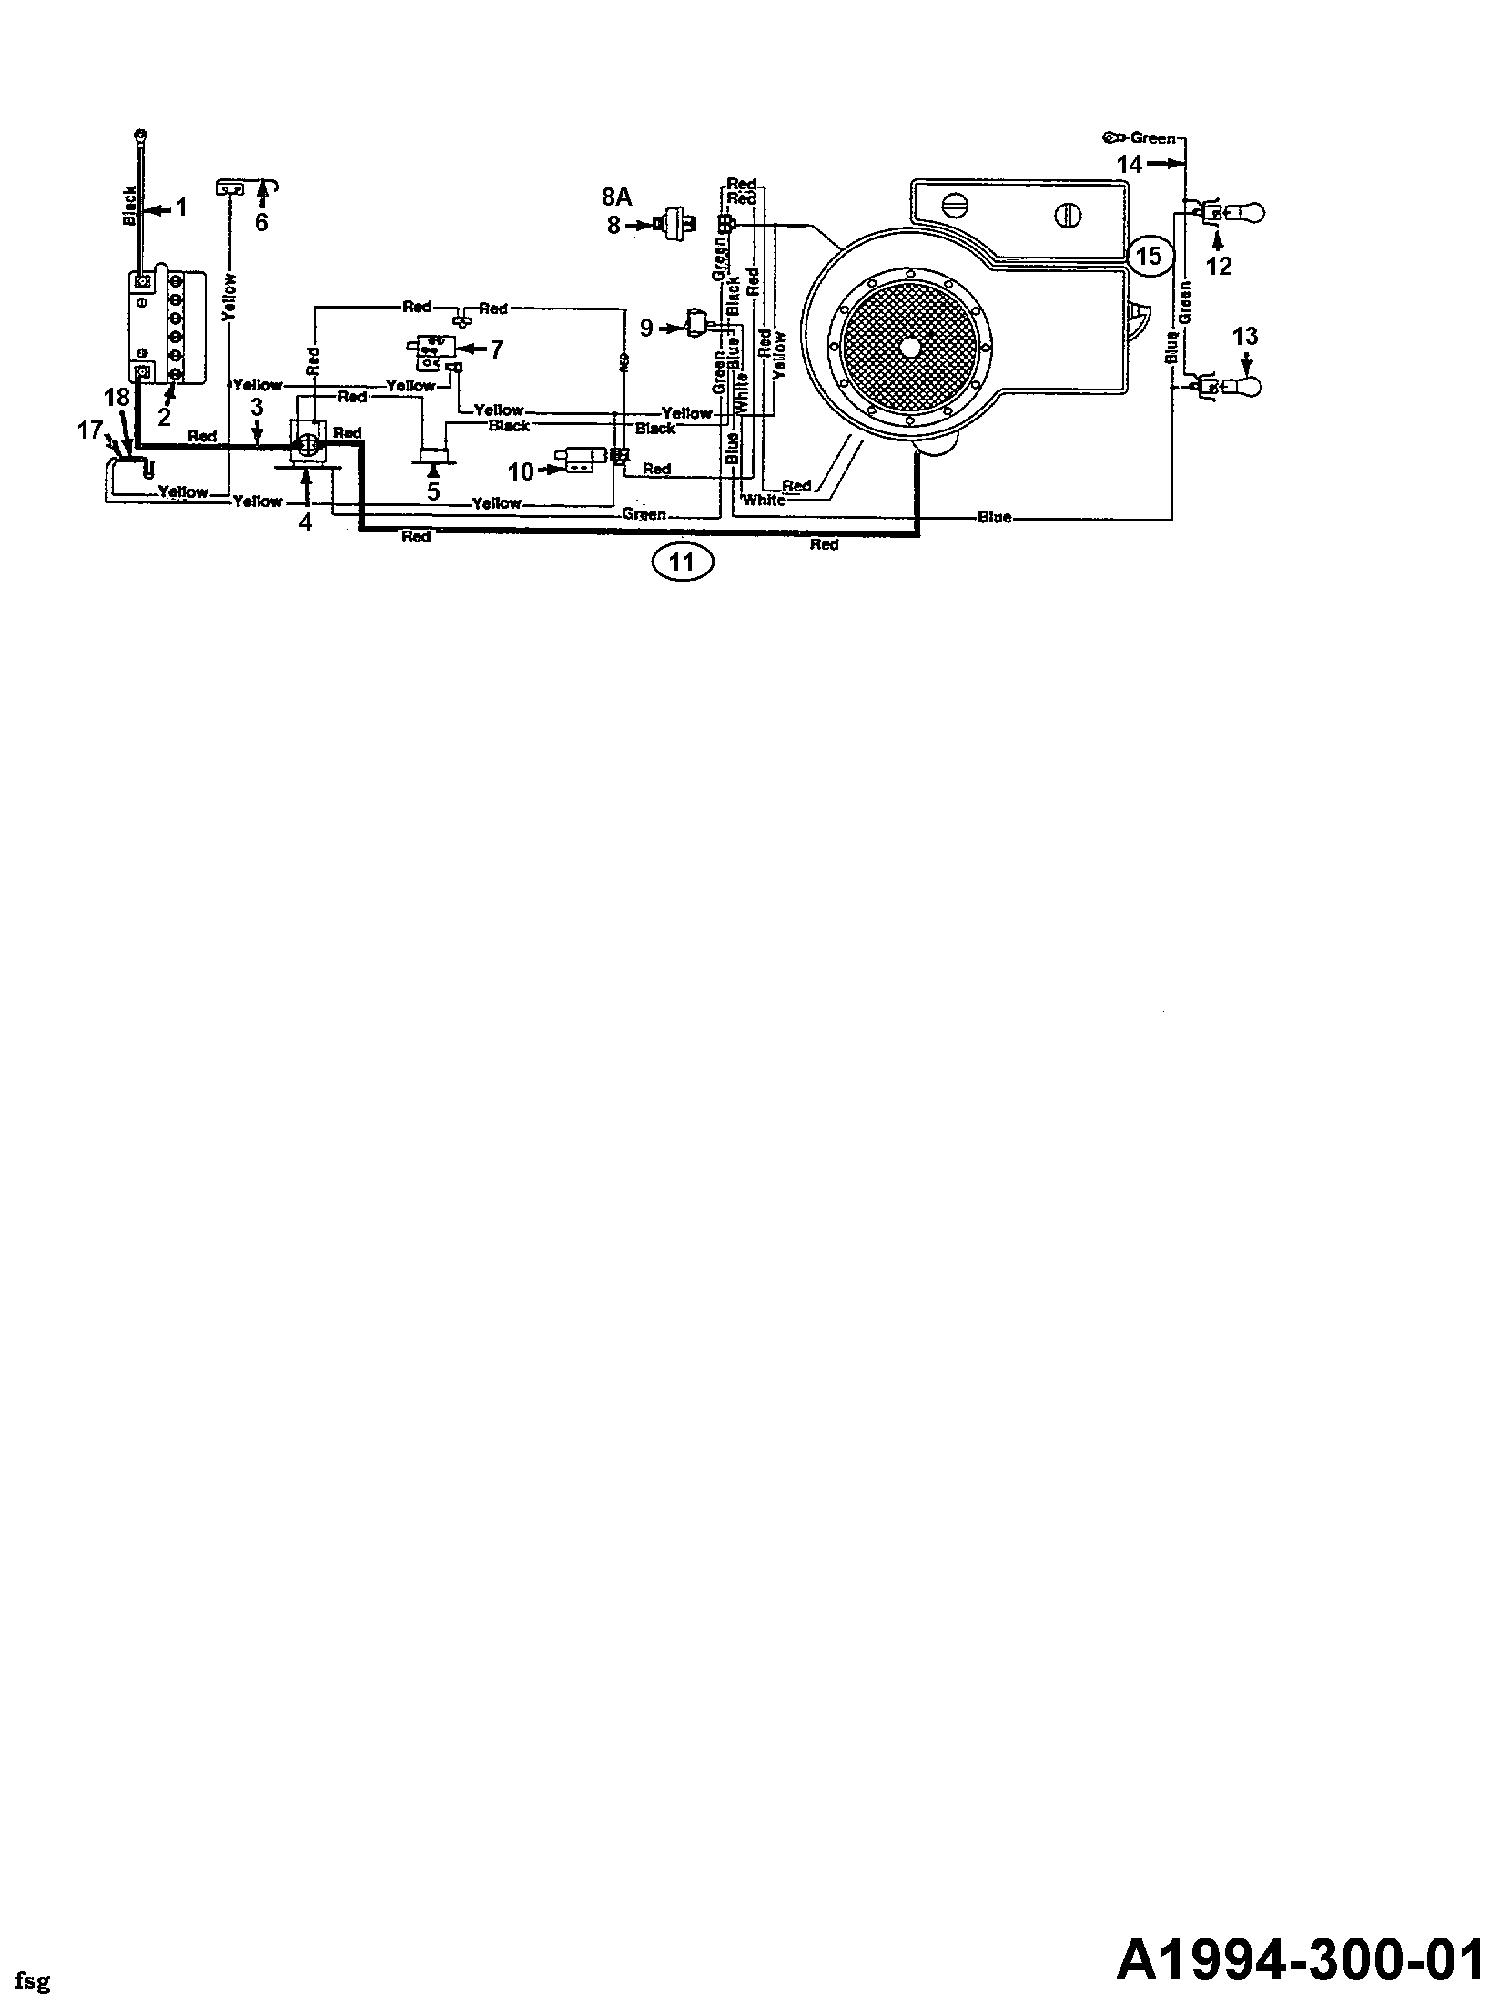 Floraself B 10 Schaltplan 134C352D668 (1994)